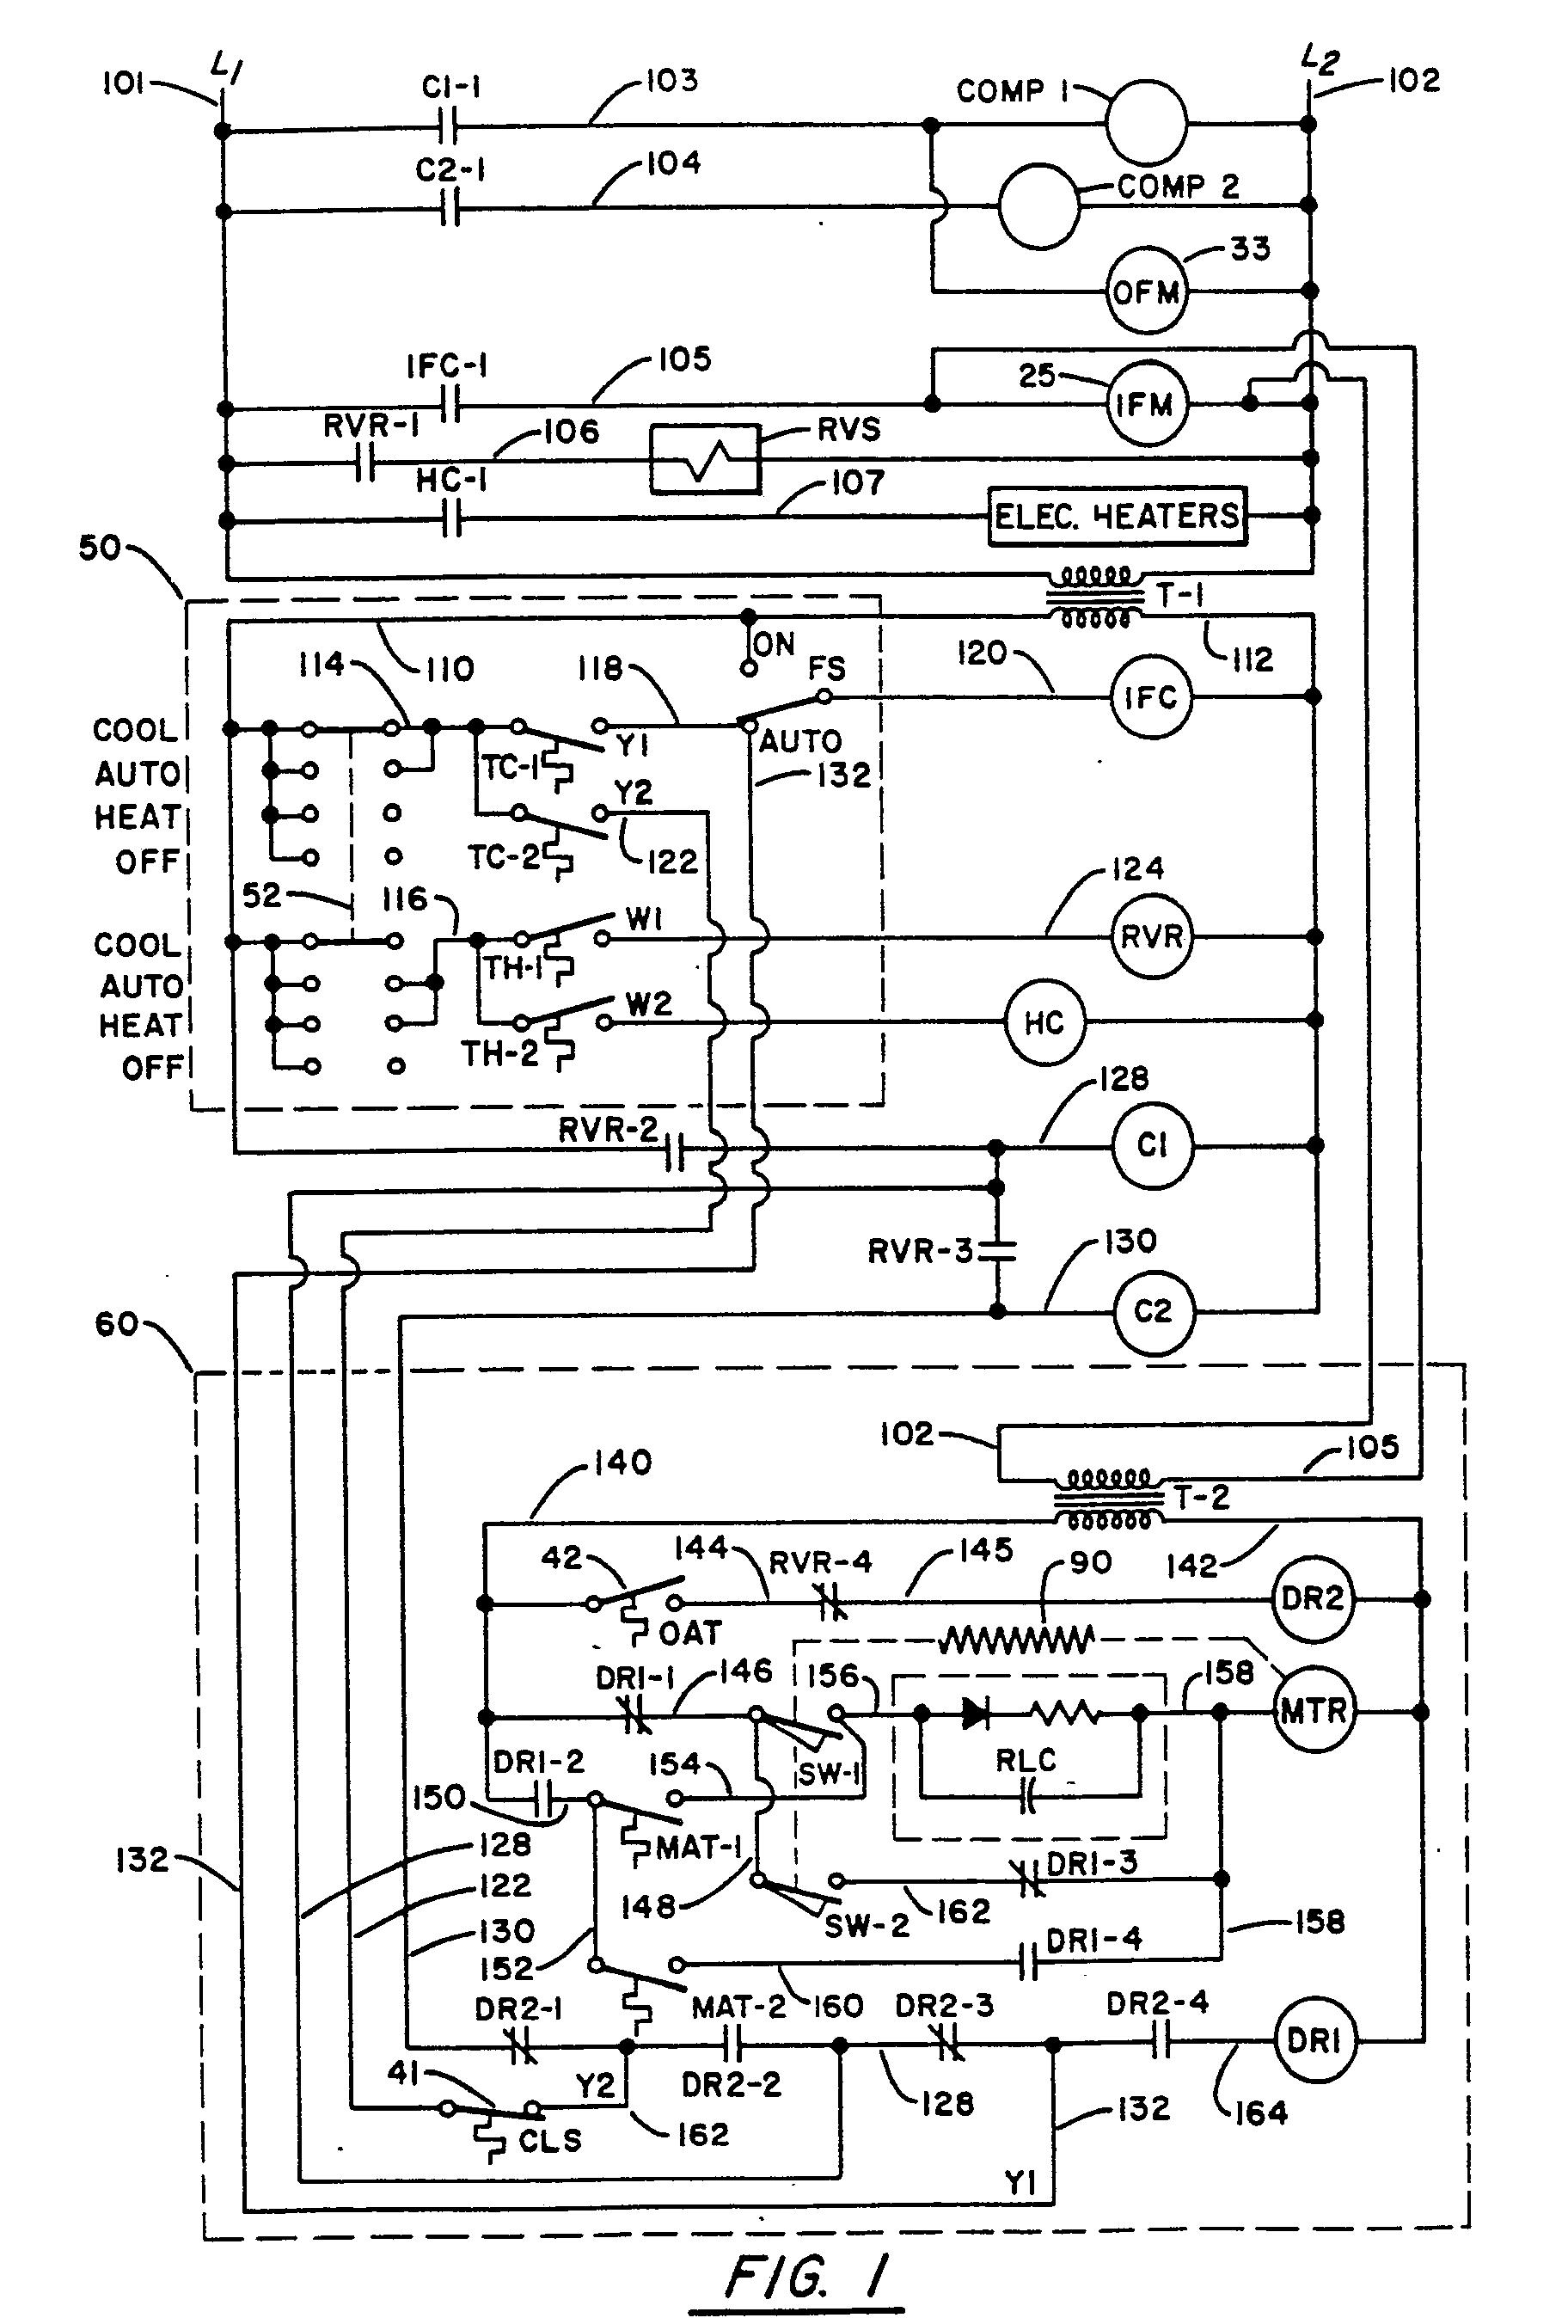 Magnificent Diagram élèctric Bobcat 320d Gift - Wiring Diagram Ideas ...